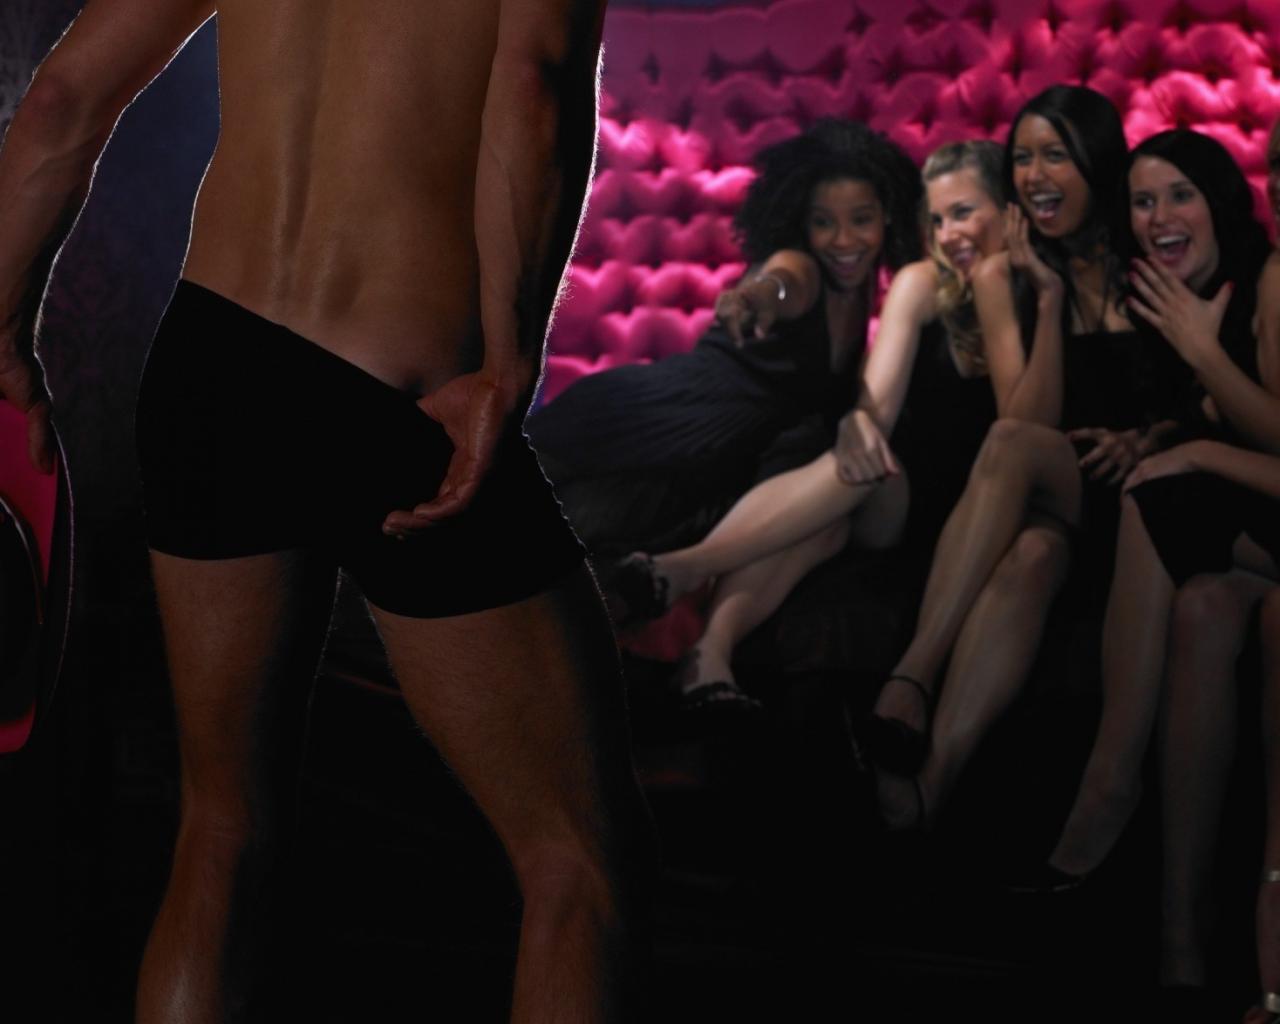 фото голых девушек и женщин бесплатная эротика